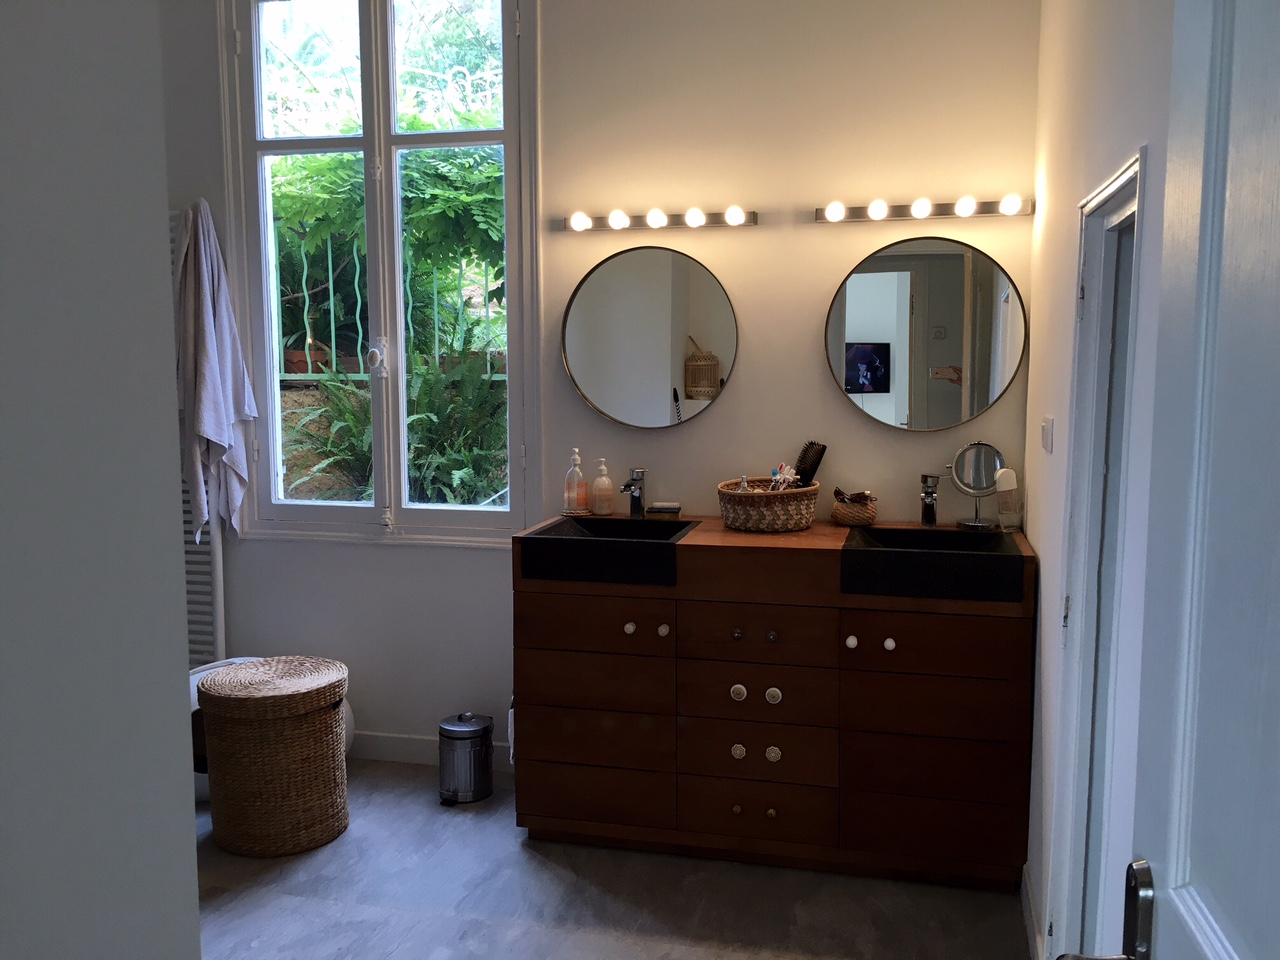 Creer Meuble De Salle De Bain meuble salle de bain en teck massif chez une client du 06